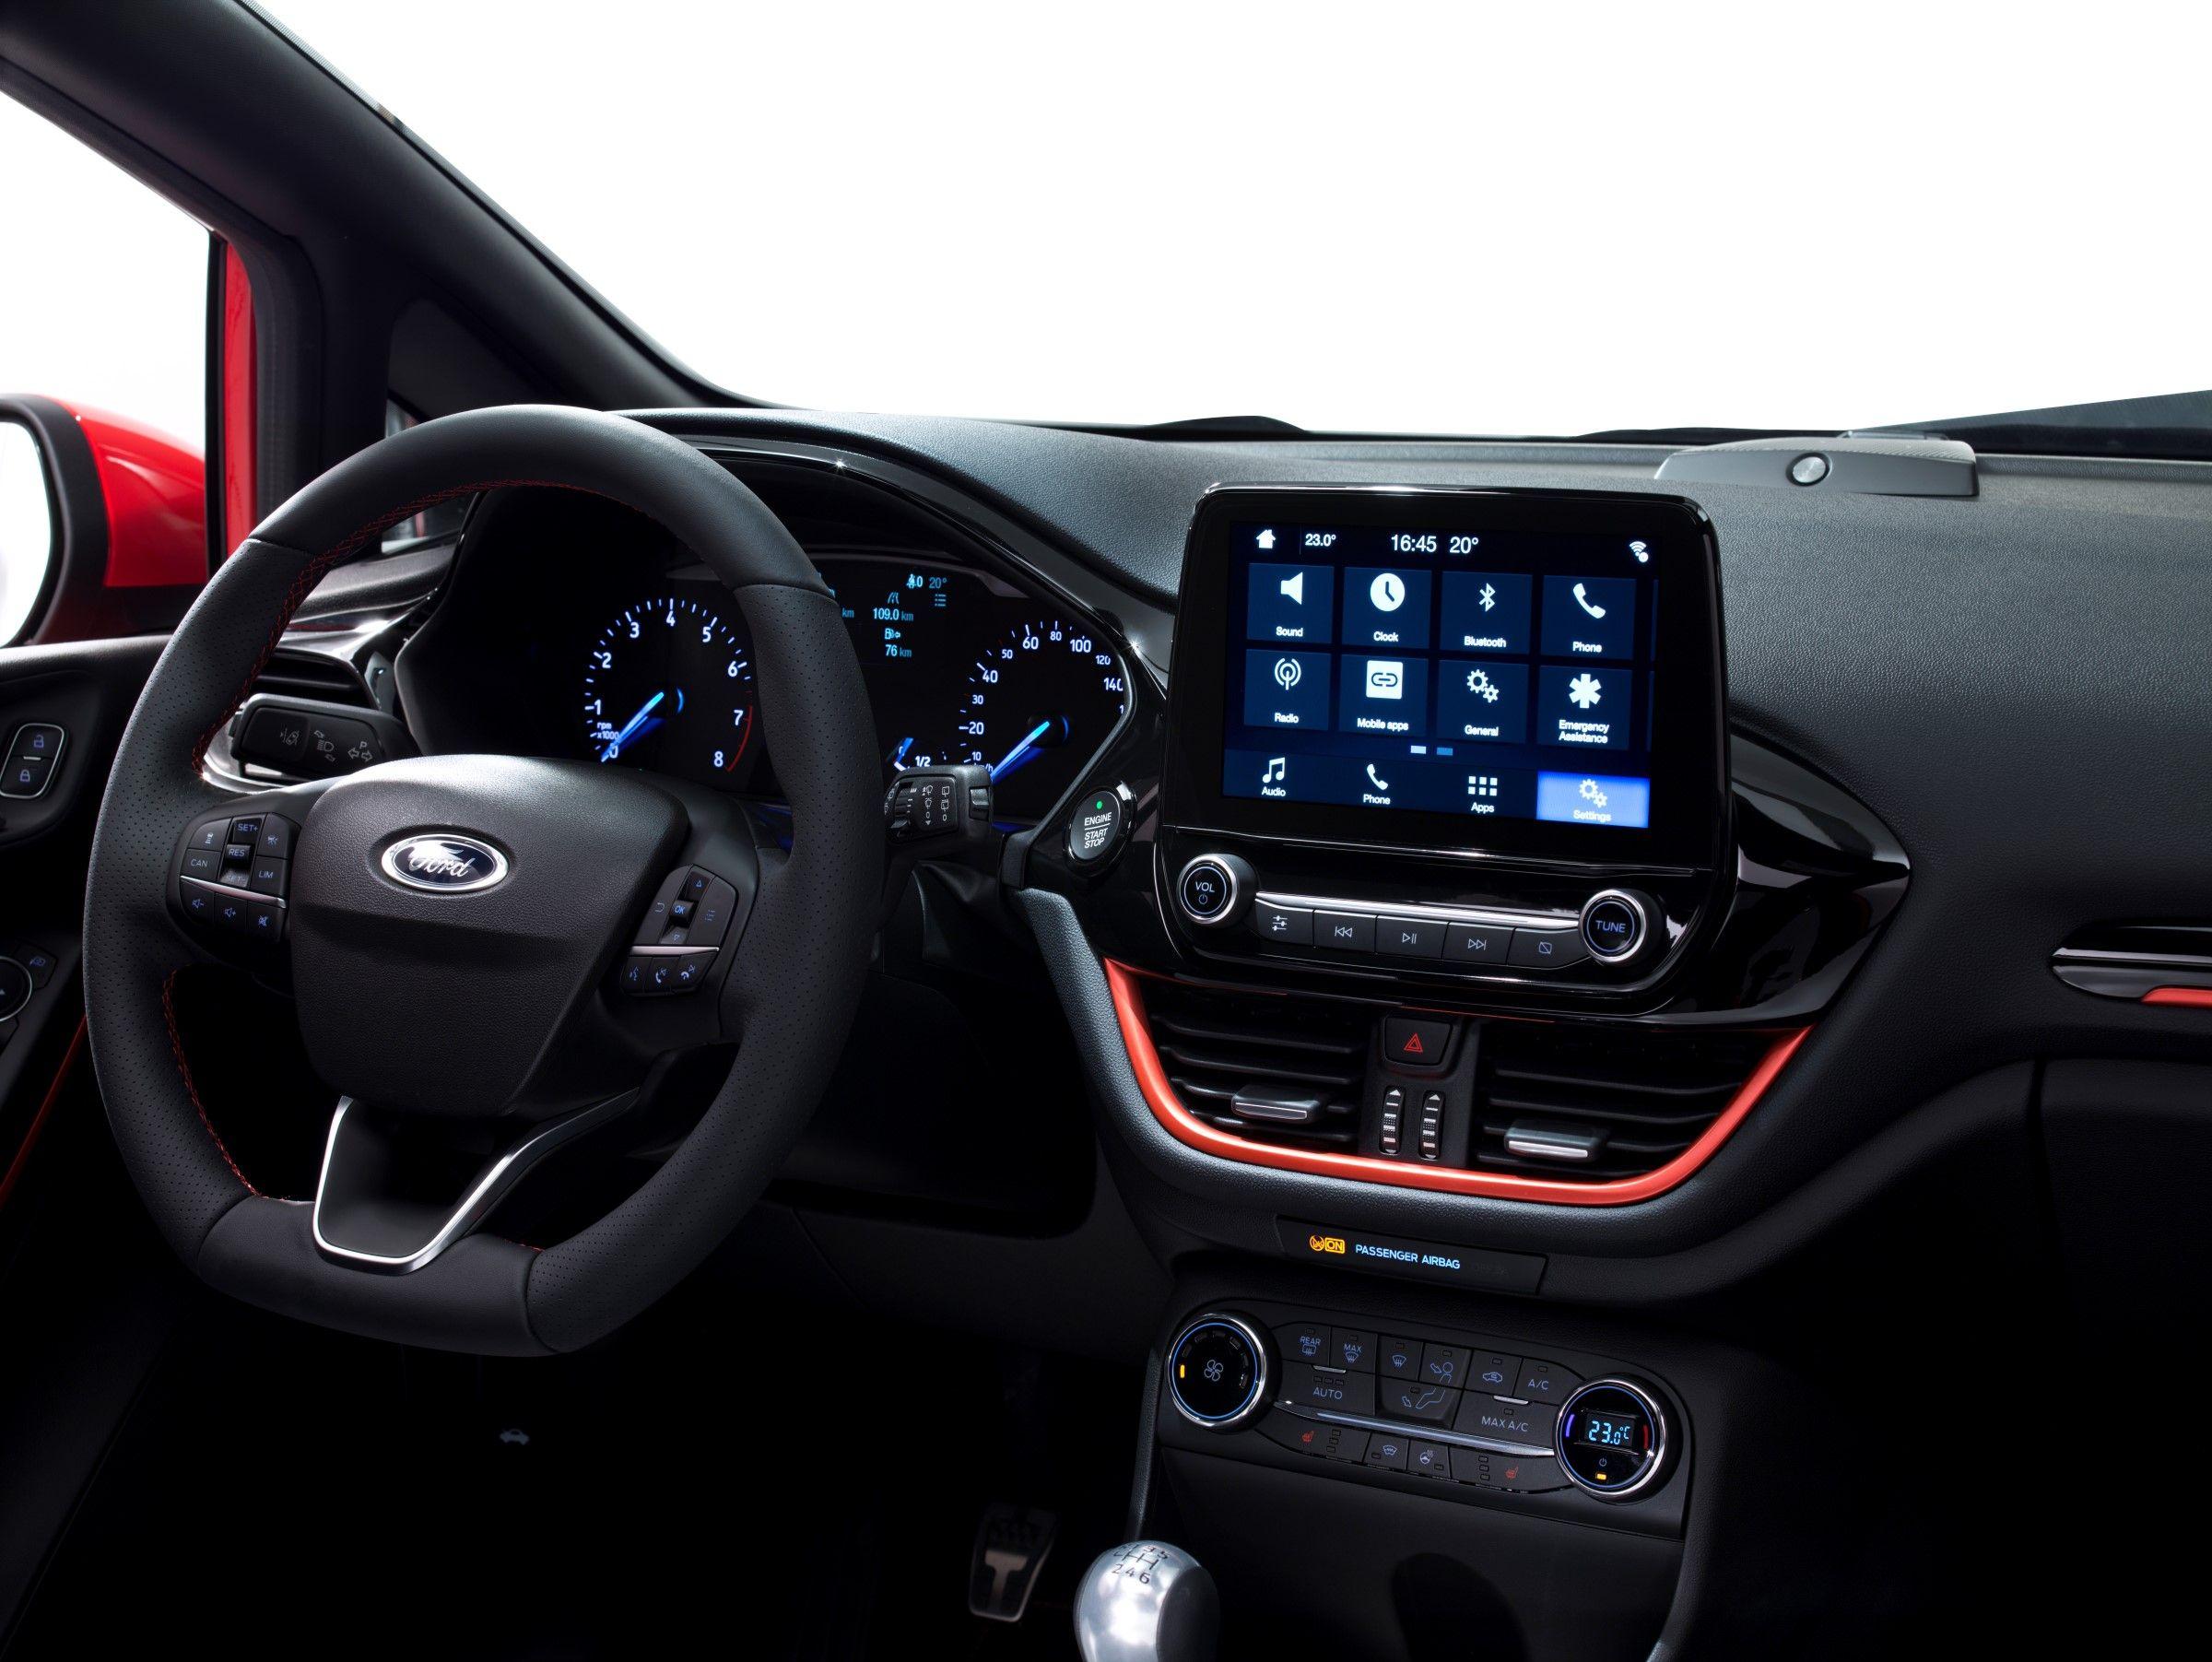 2018 Ford Fiesta Auto Innenraum Autos Innenraum